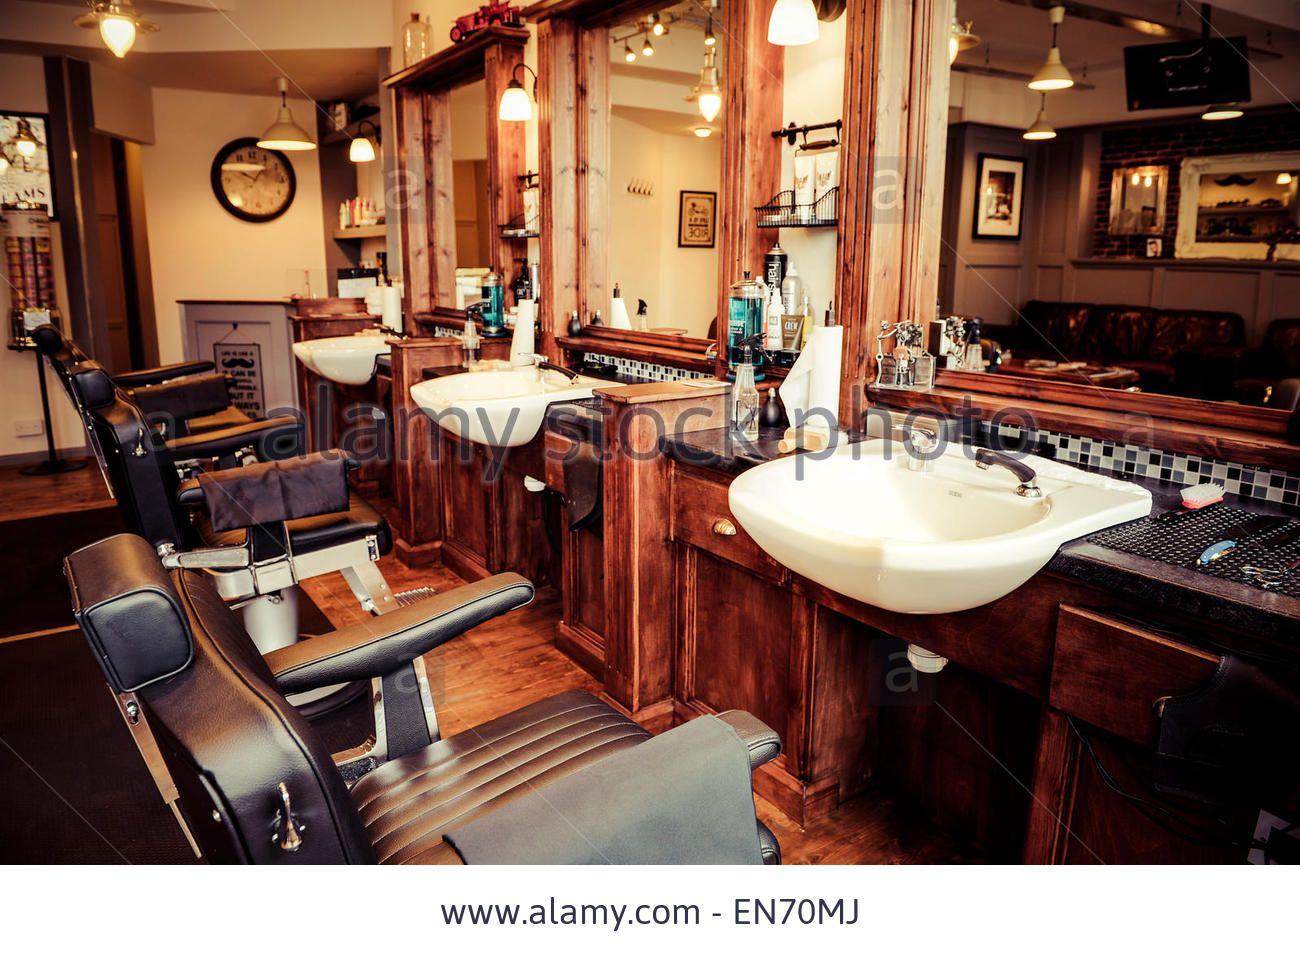 Men 39 s barber shop retro styled interior design stock photo barbershop pinterest barber - Barber shop interior ...